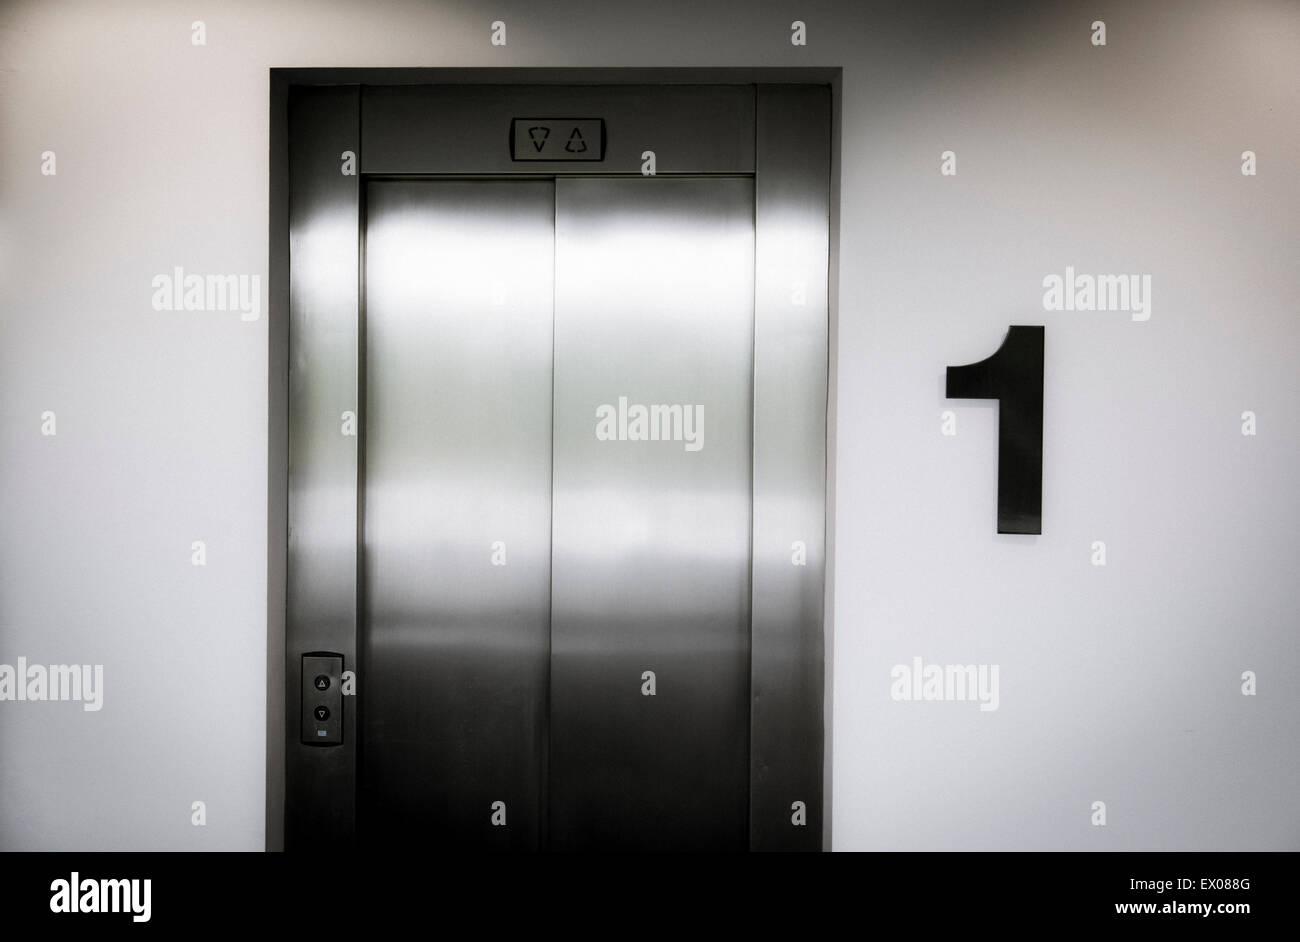 Une porte de l'ascenseur au premier étage d'un immeuble de bureaux Photo Stock